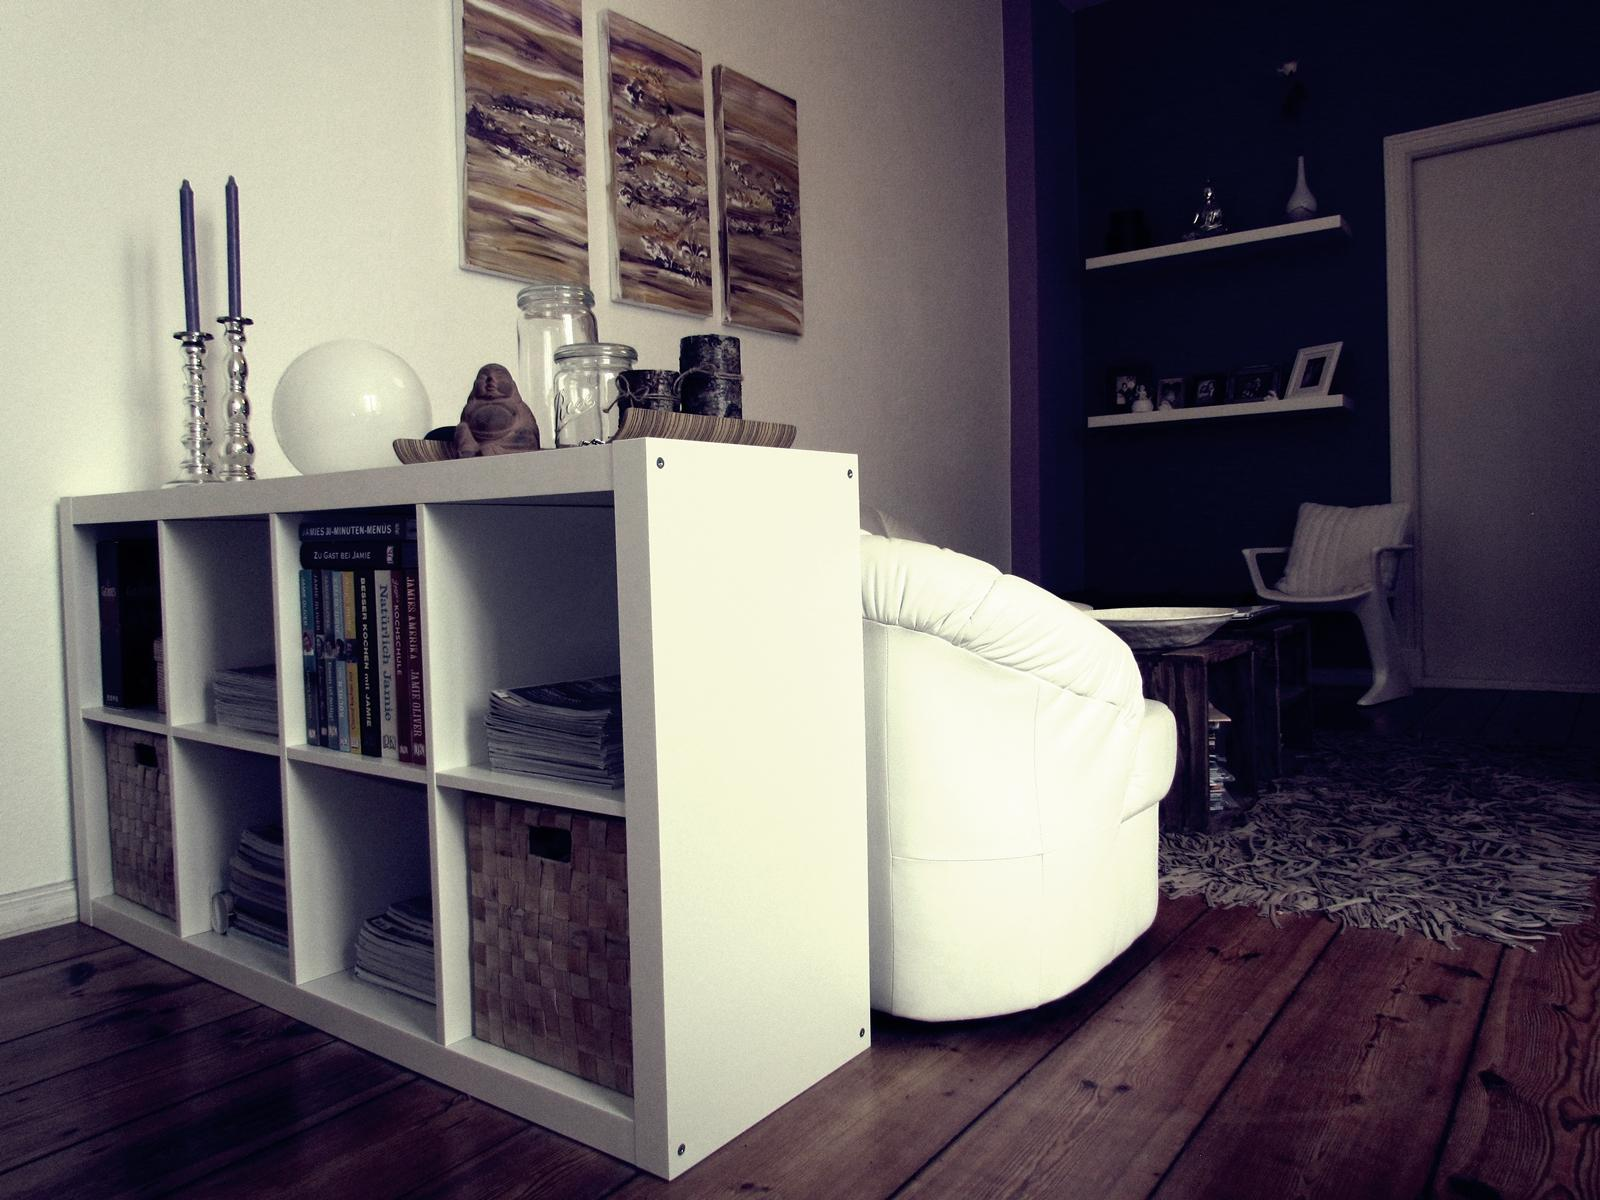 Ikea expedit bilder ideen couchstyle - Raumteiler ideen ikea ...